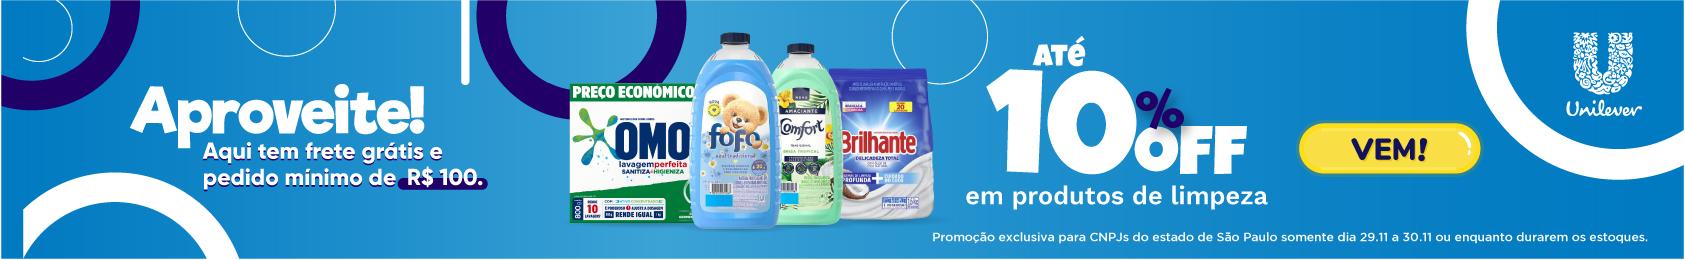 Unilever - Até 10% OFF em produtos de limpeza